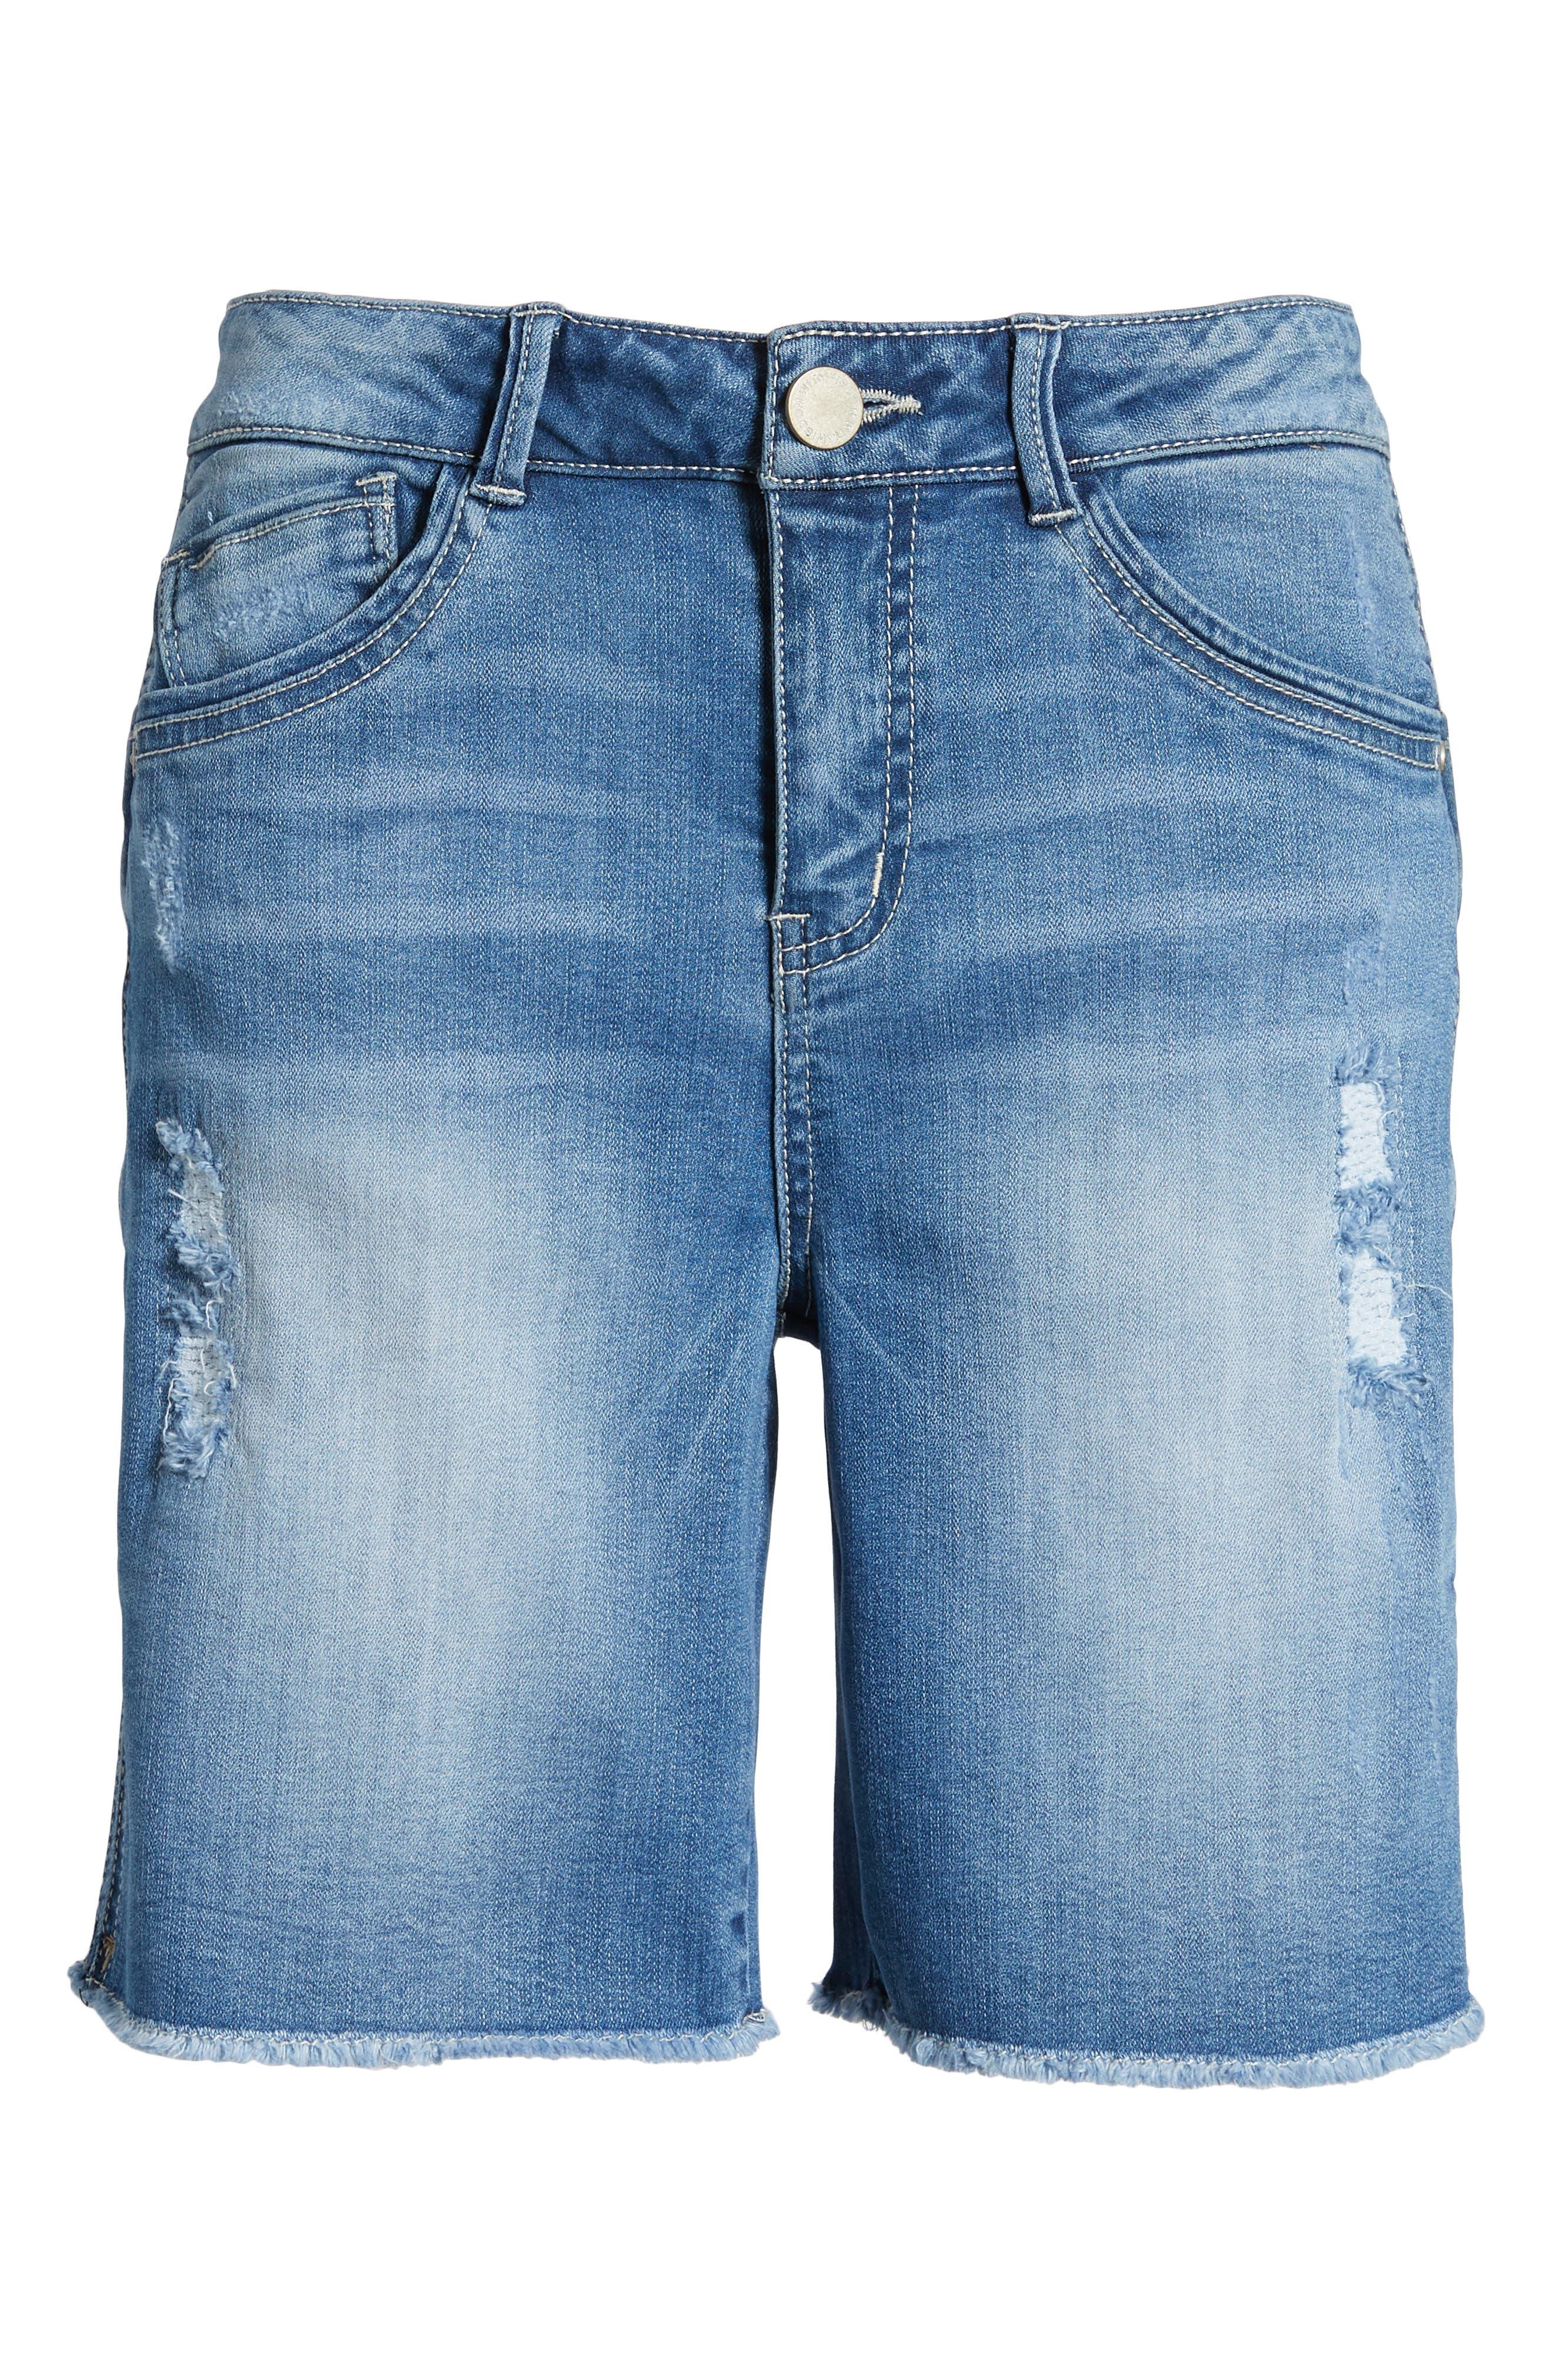 Flex-Ellent High Rise Denim Shorts,                             Alternate thumbnail 6, color,                             Light Blue